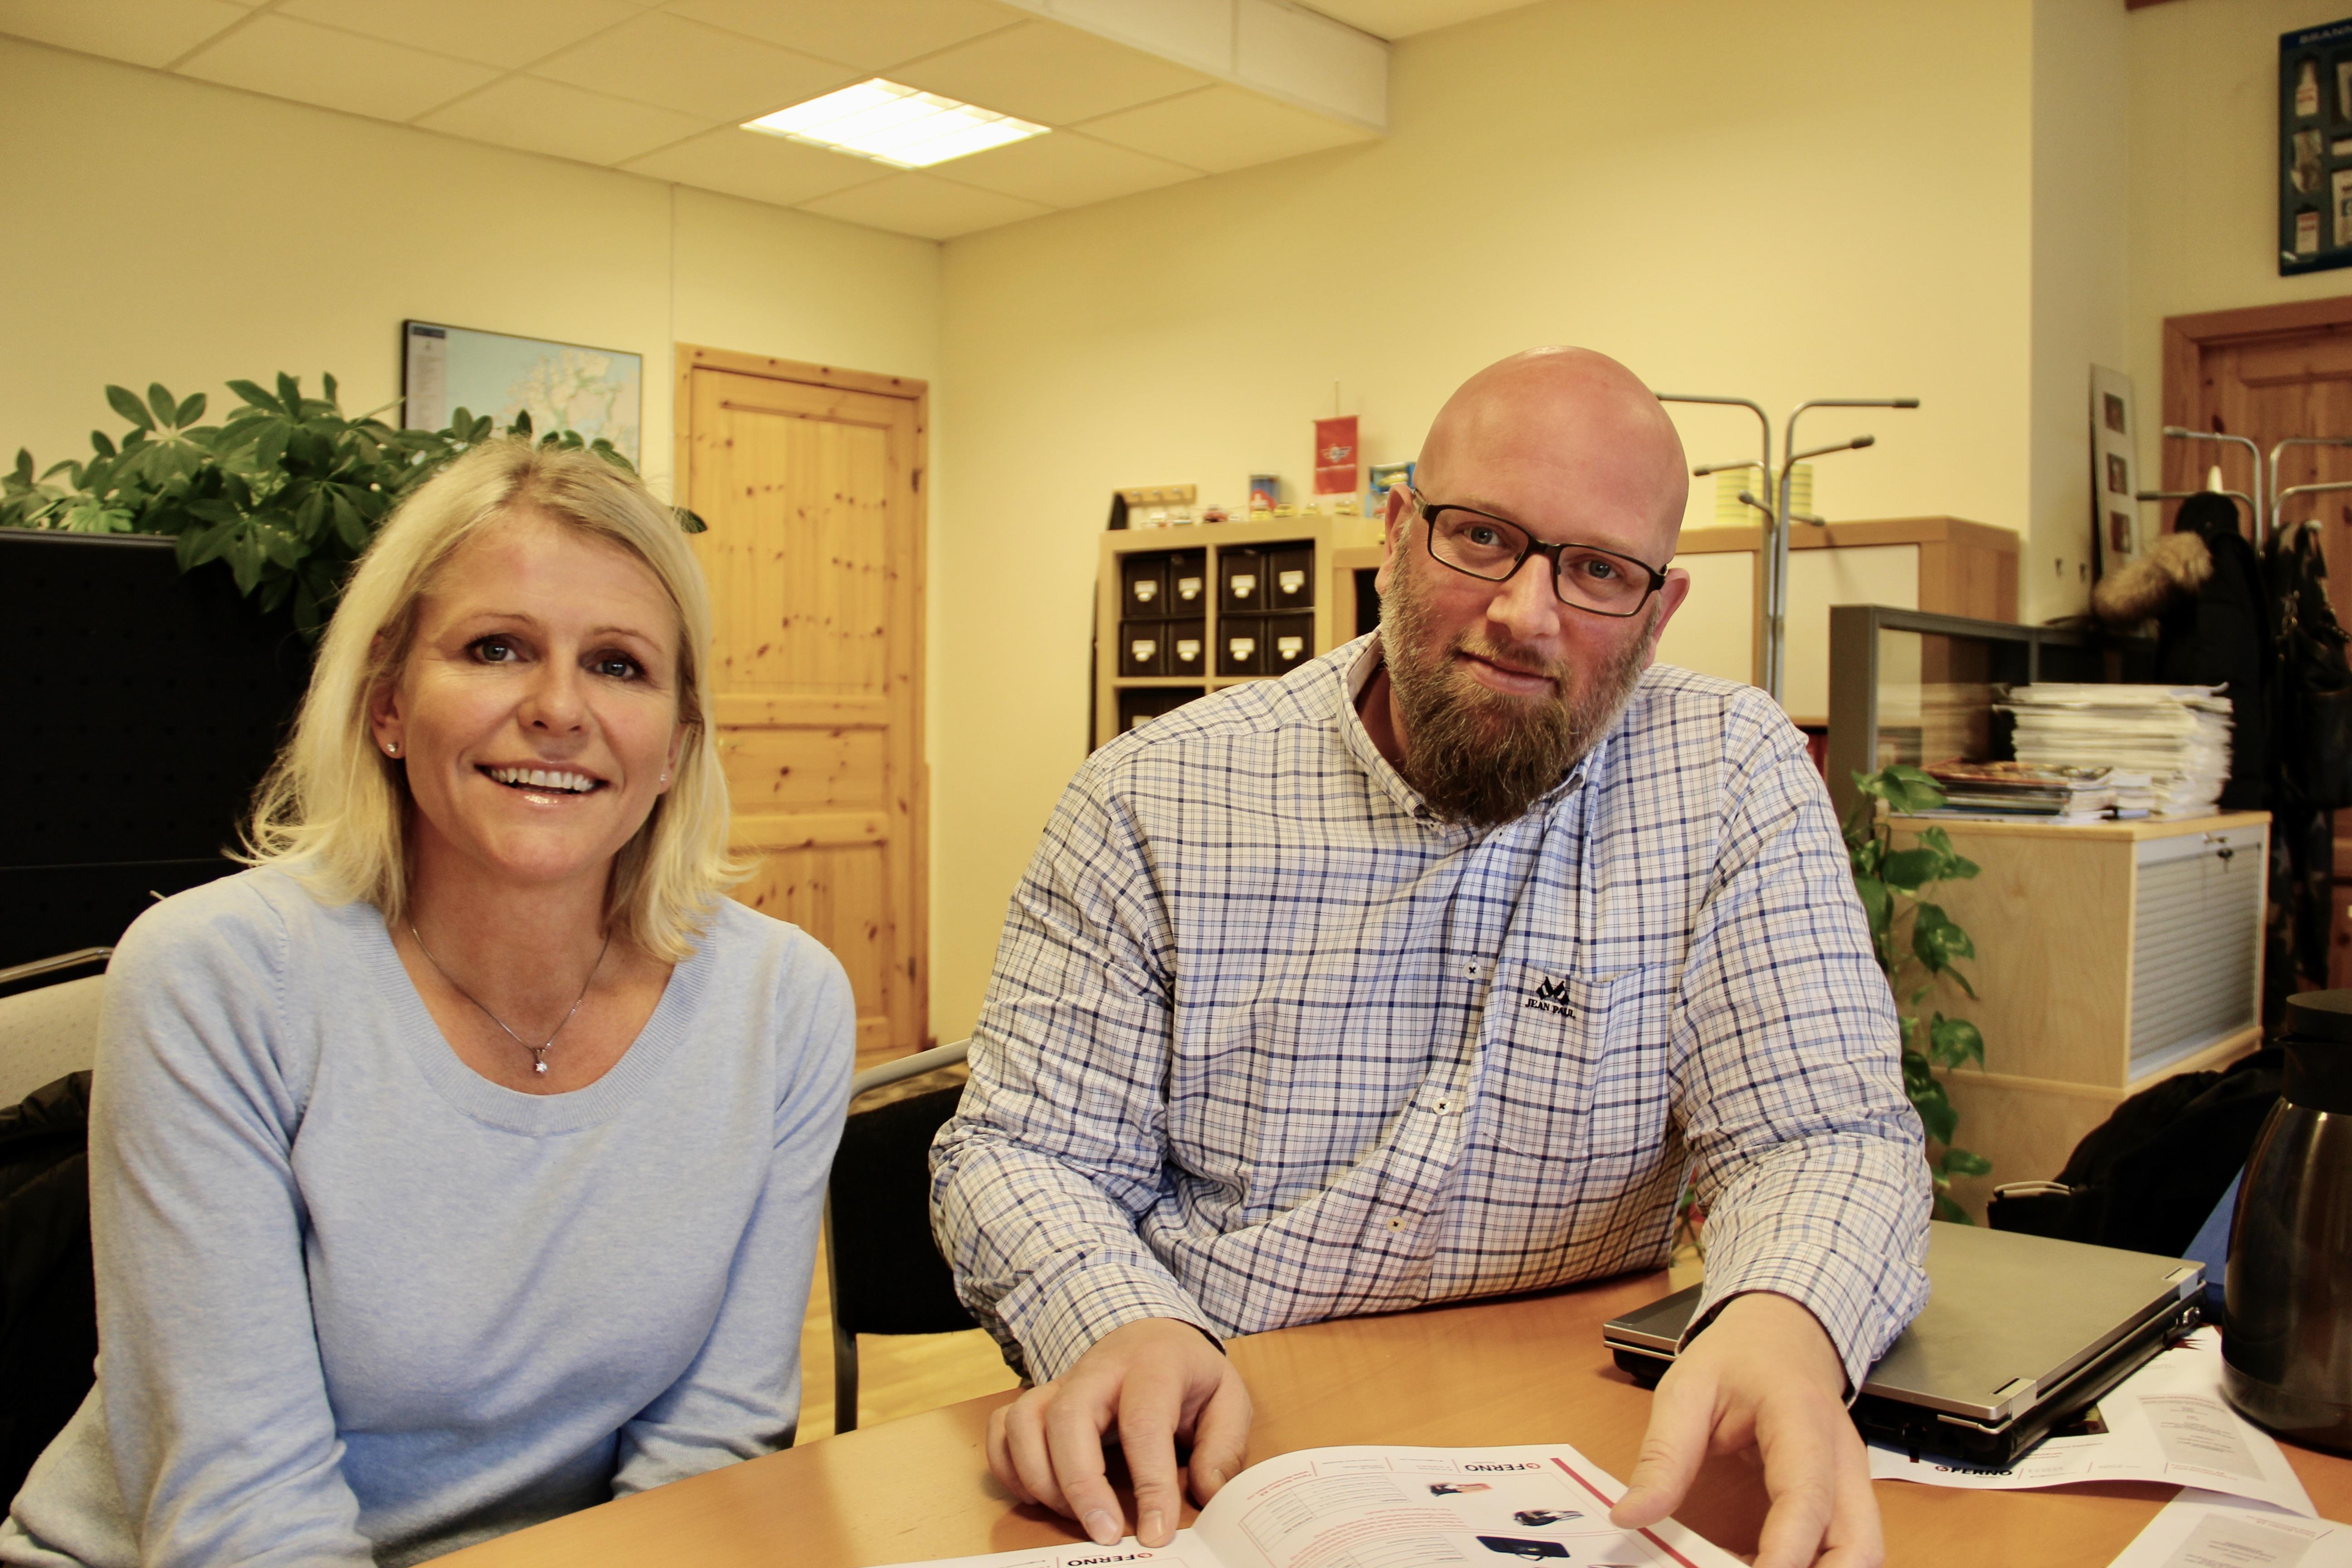 Aina Haug fra Laerdal Medical og Trond Stensholt fra Ferno Norgen er innom Ambulanse- forums kontor for å fortelle om samarbeidet. Foto: Live Oftedahl